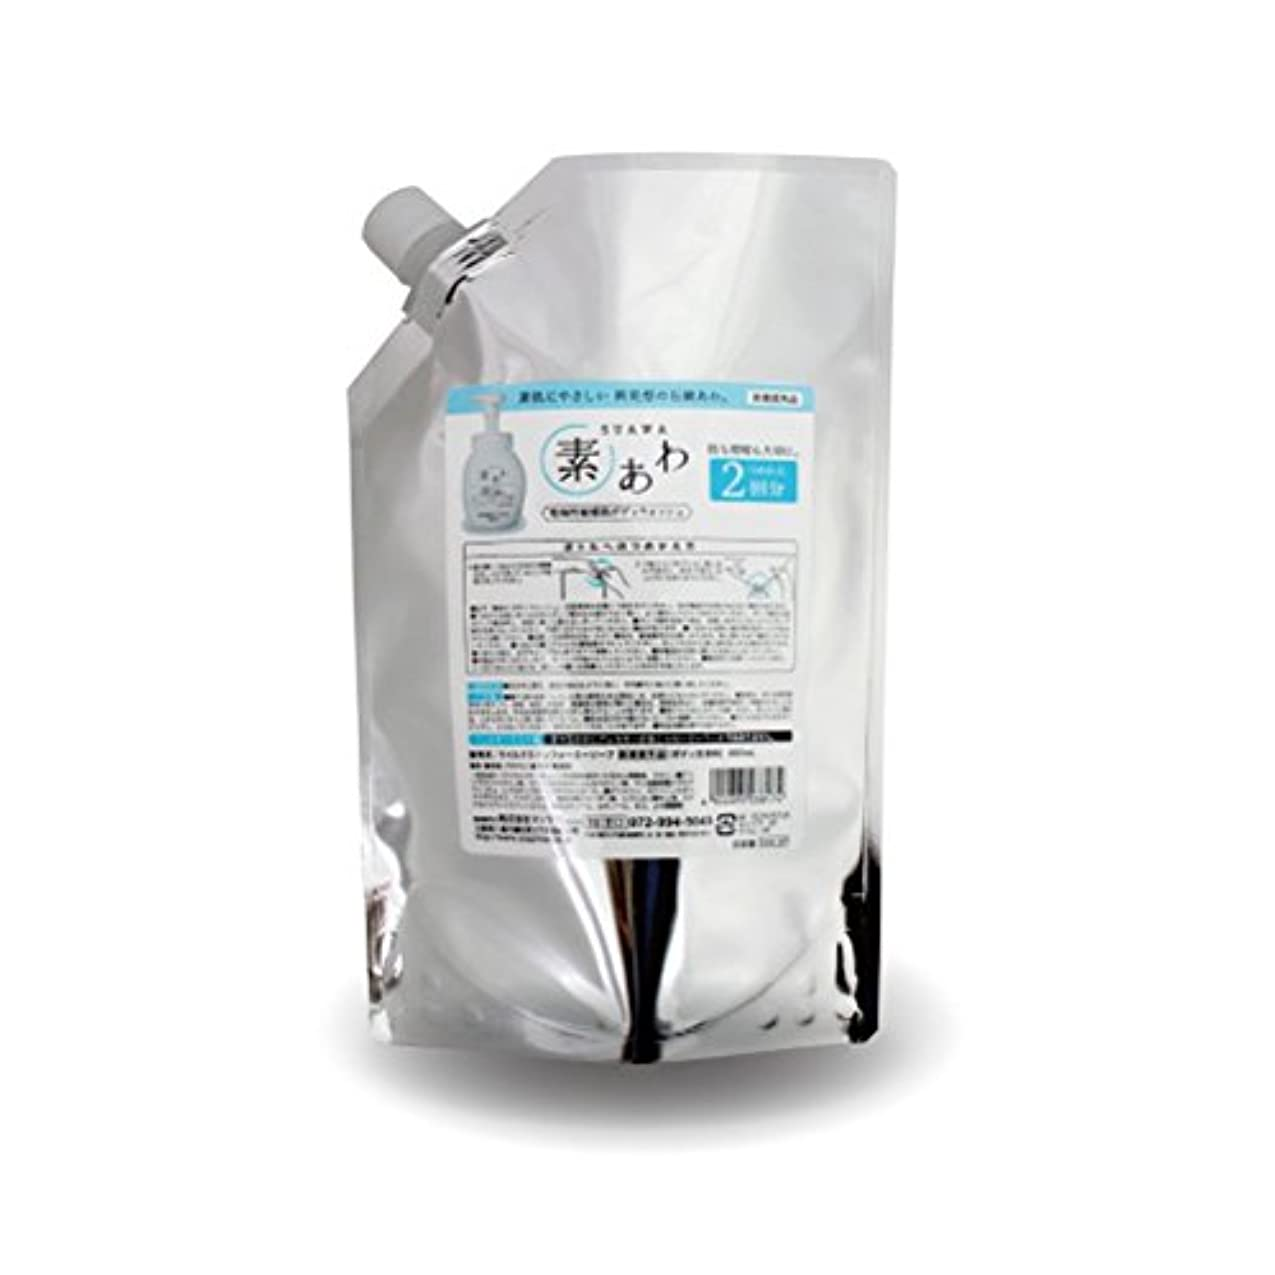 内なる何よりも集団的薬用 素あわ 泡タイプ ボディソープ 詰替2回分パウチ 800mL 乾 燥 肌 ? 敏 感 肌 に